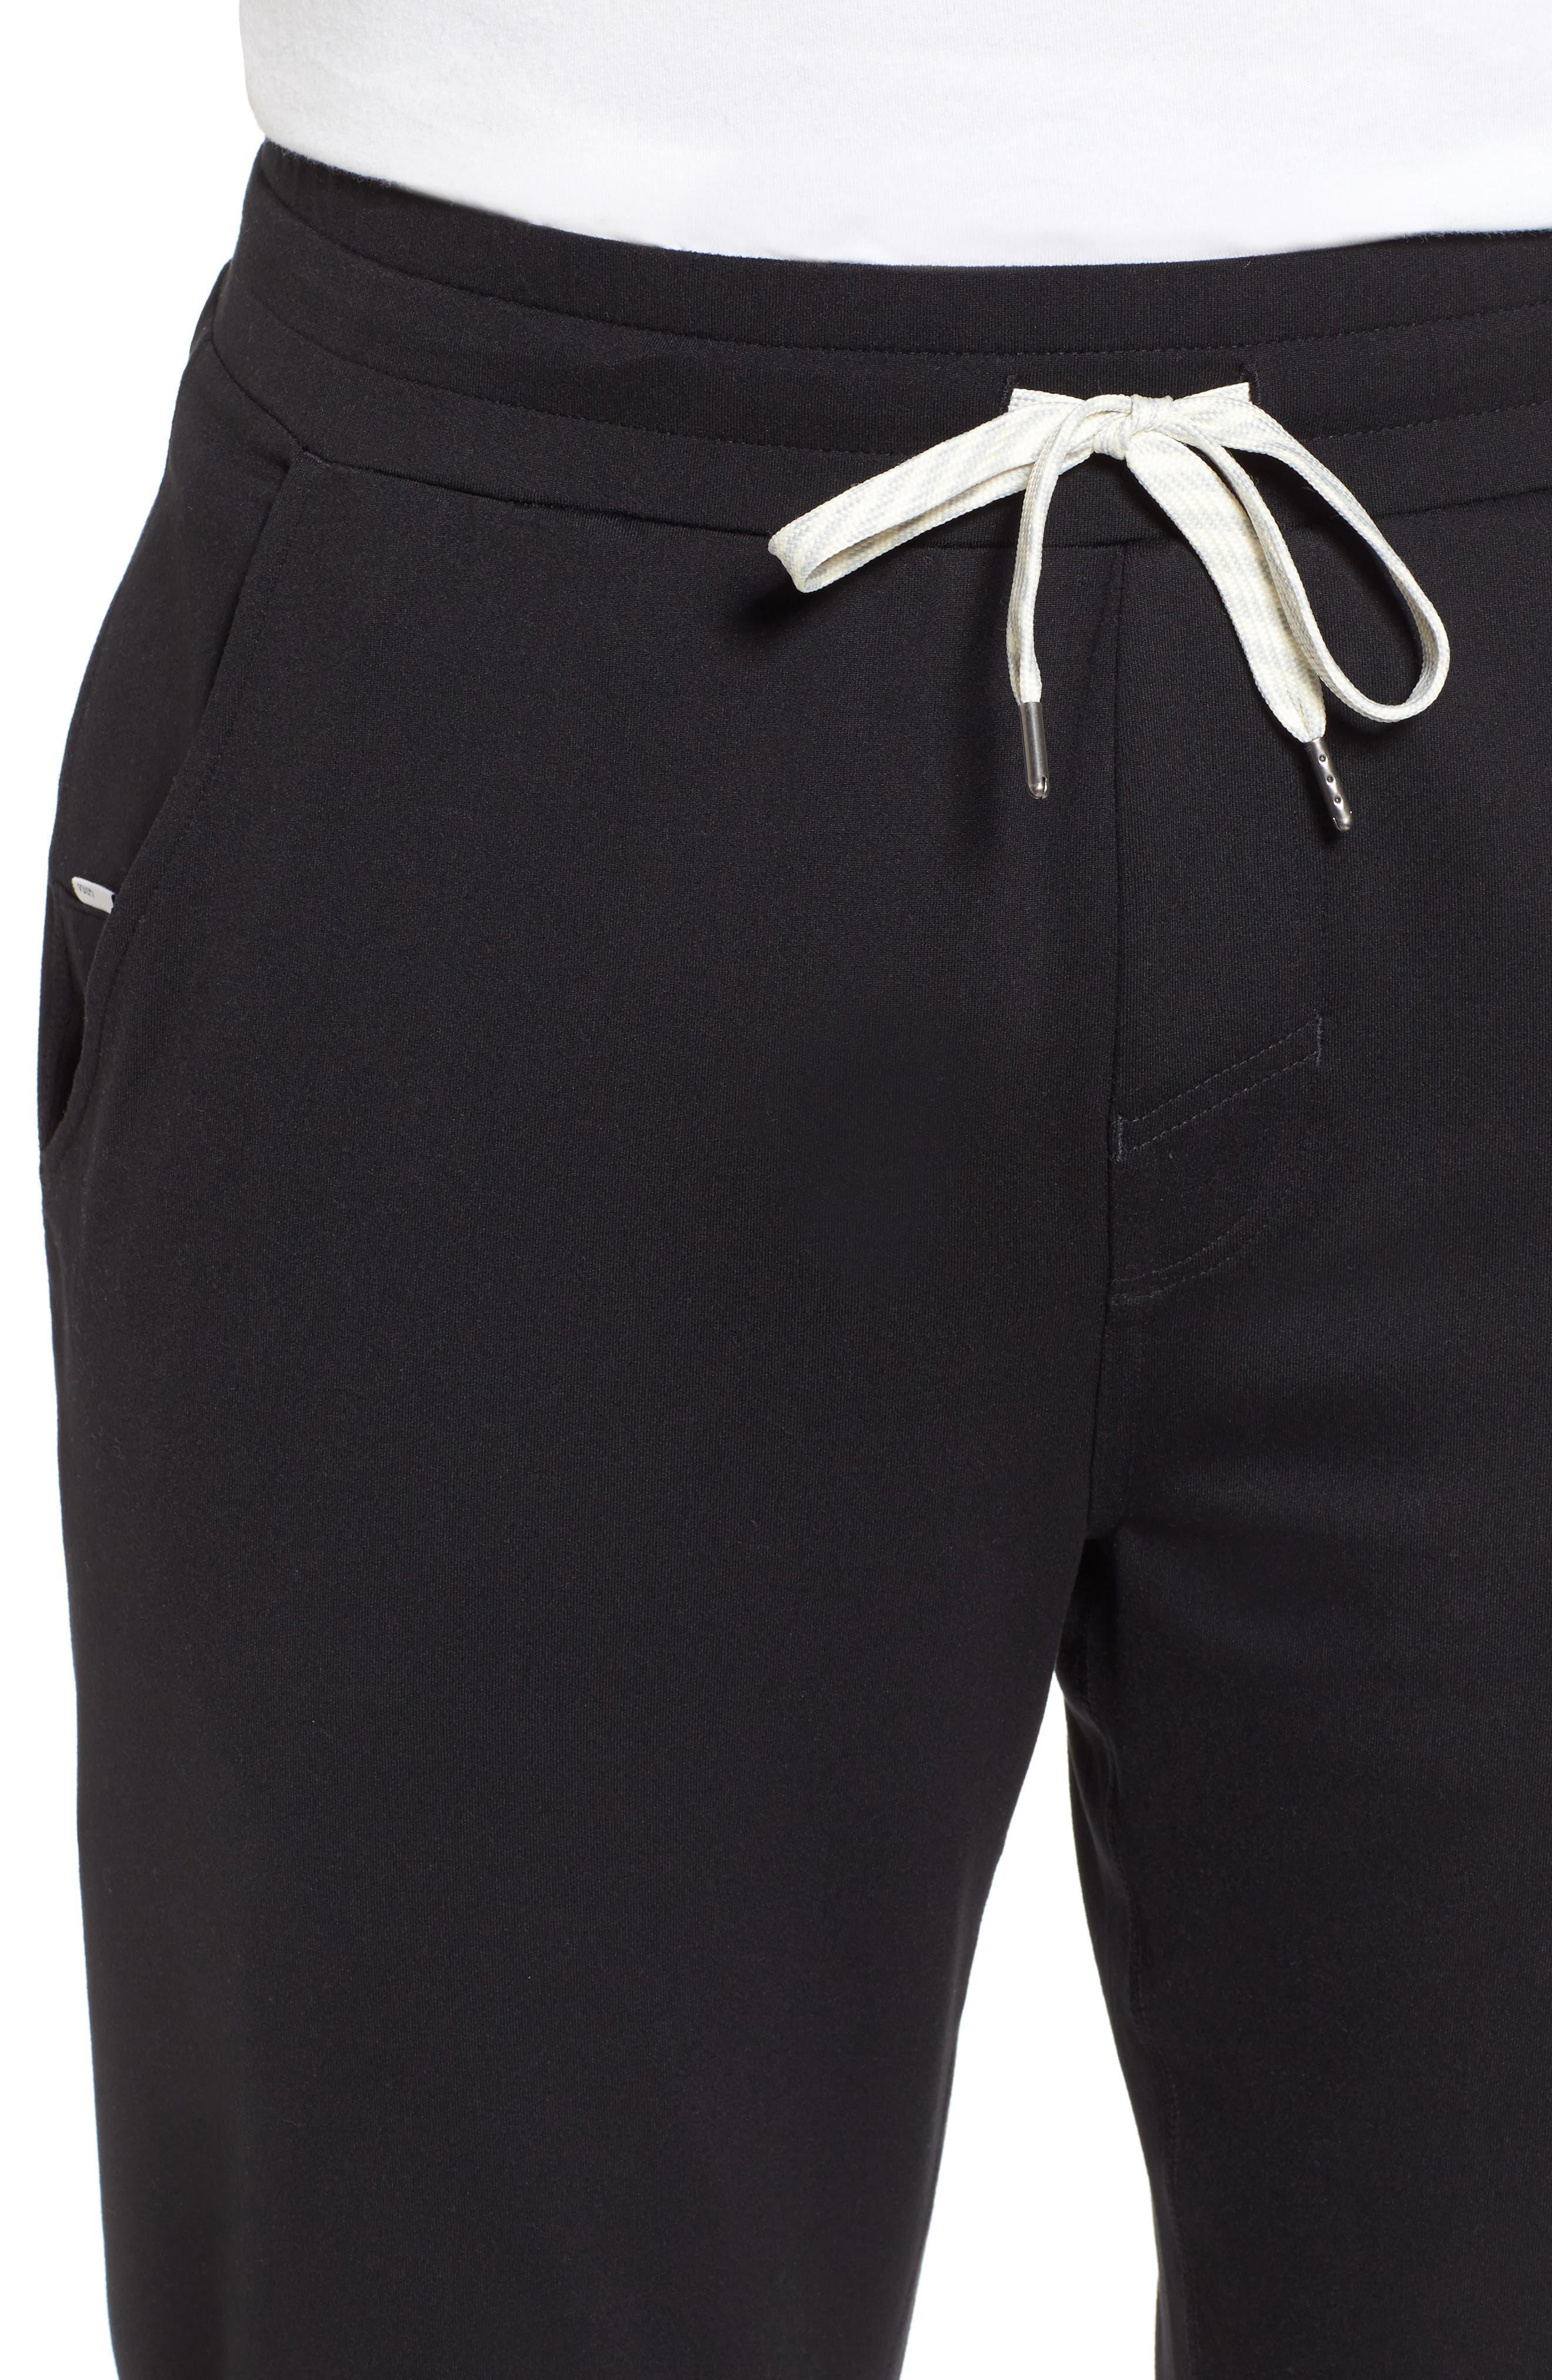 Ponto Jogger Pants,                             Alternate thumbnail 4, color,                             BLACK